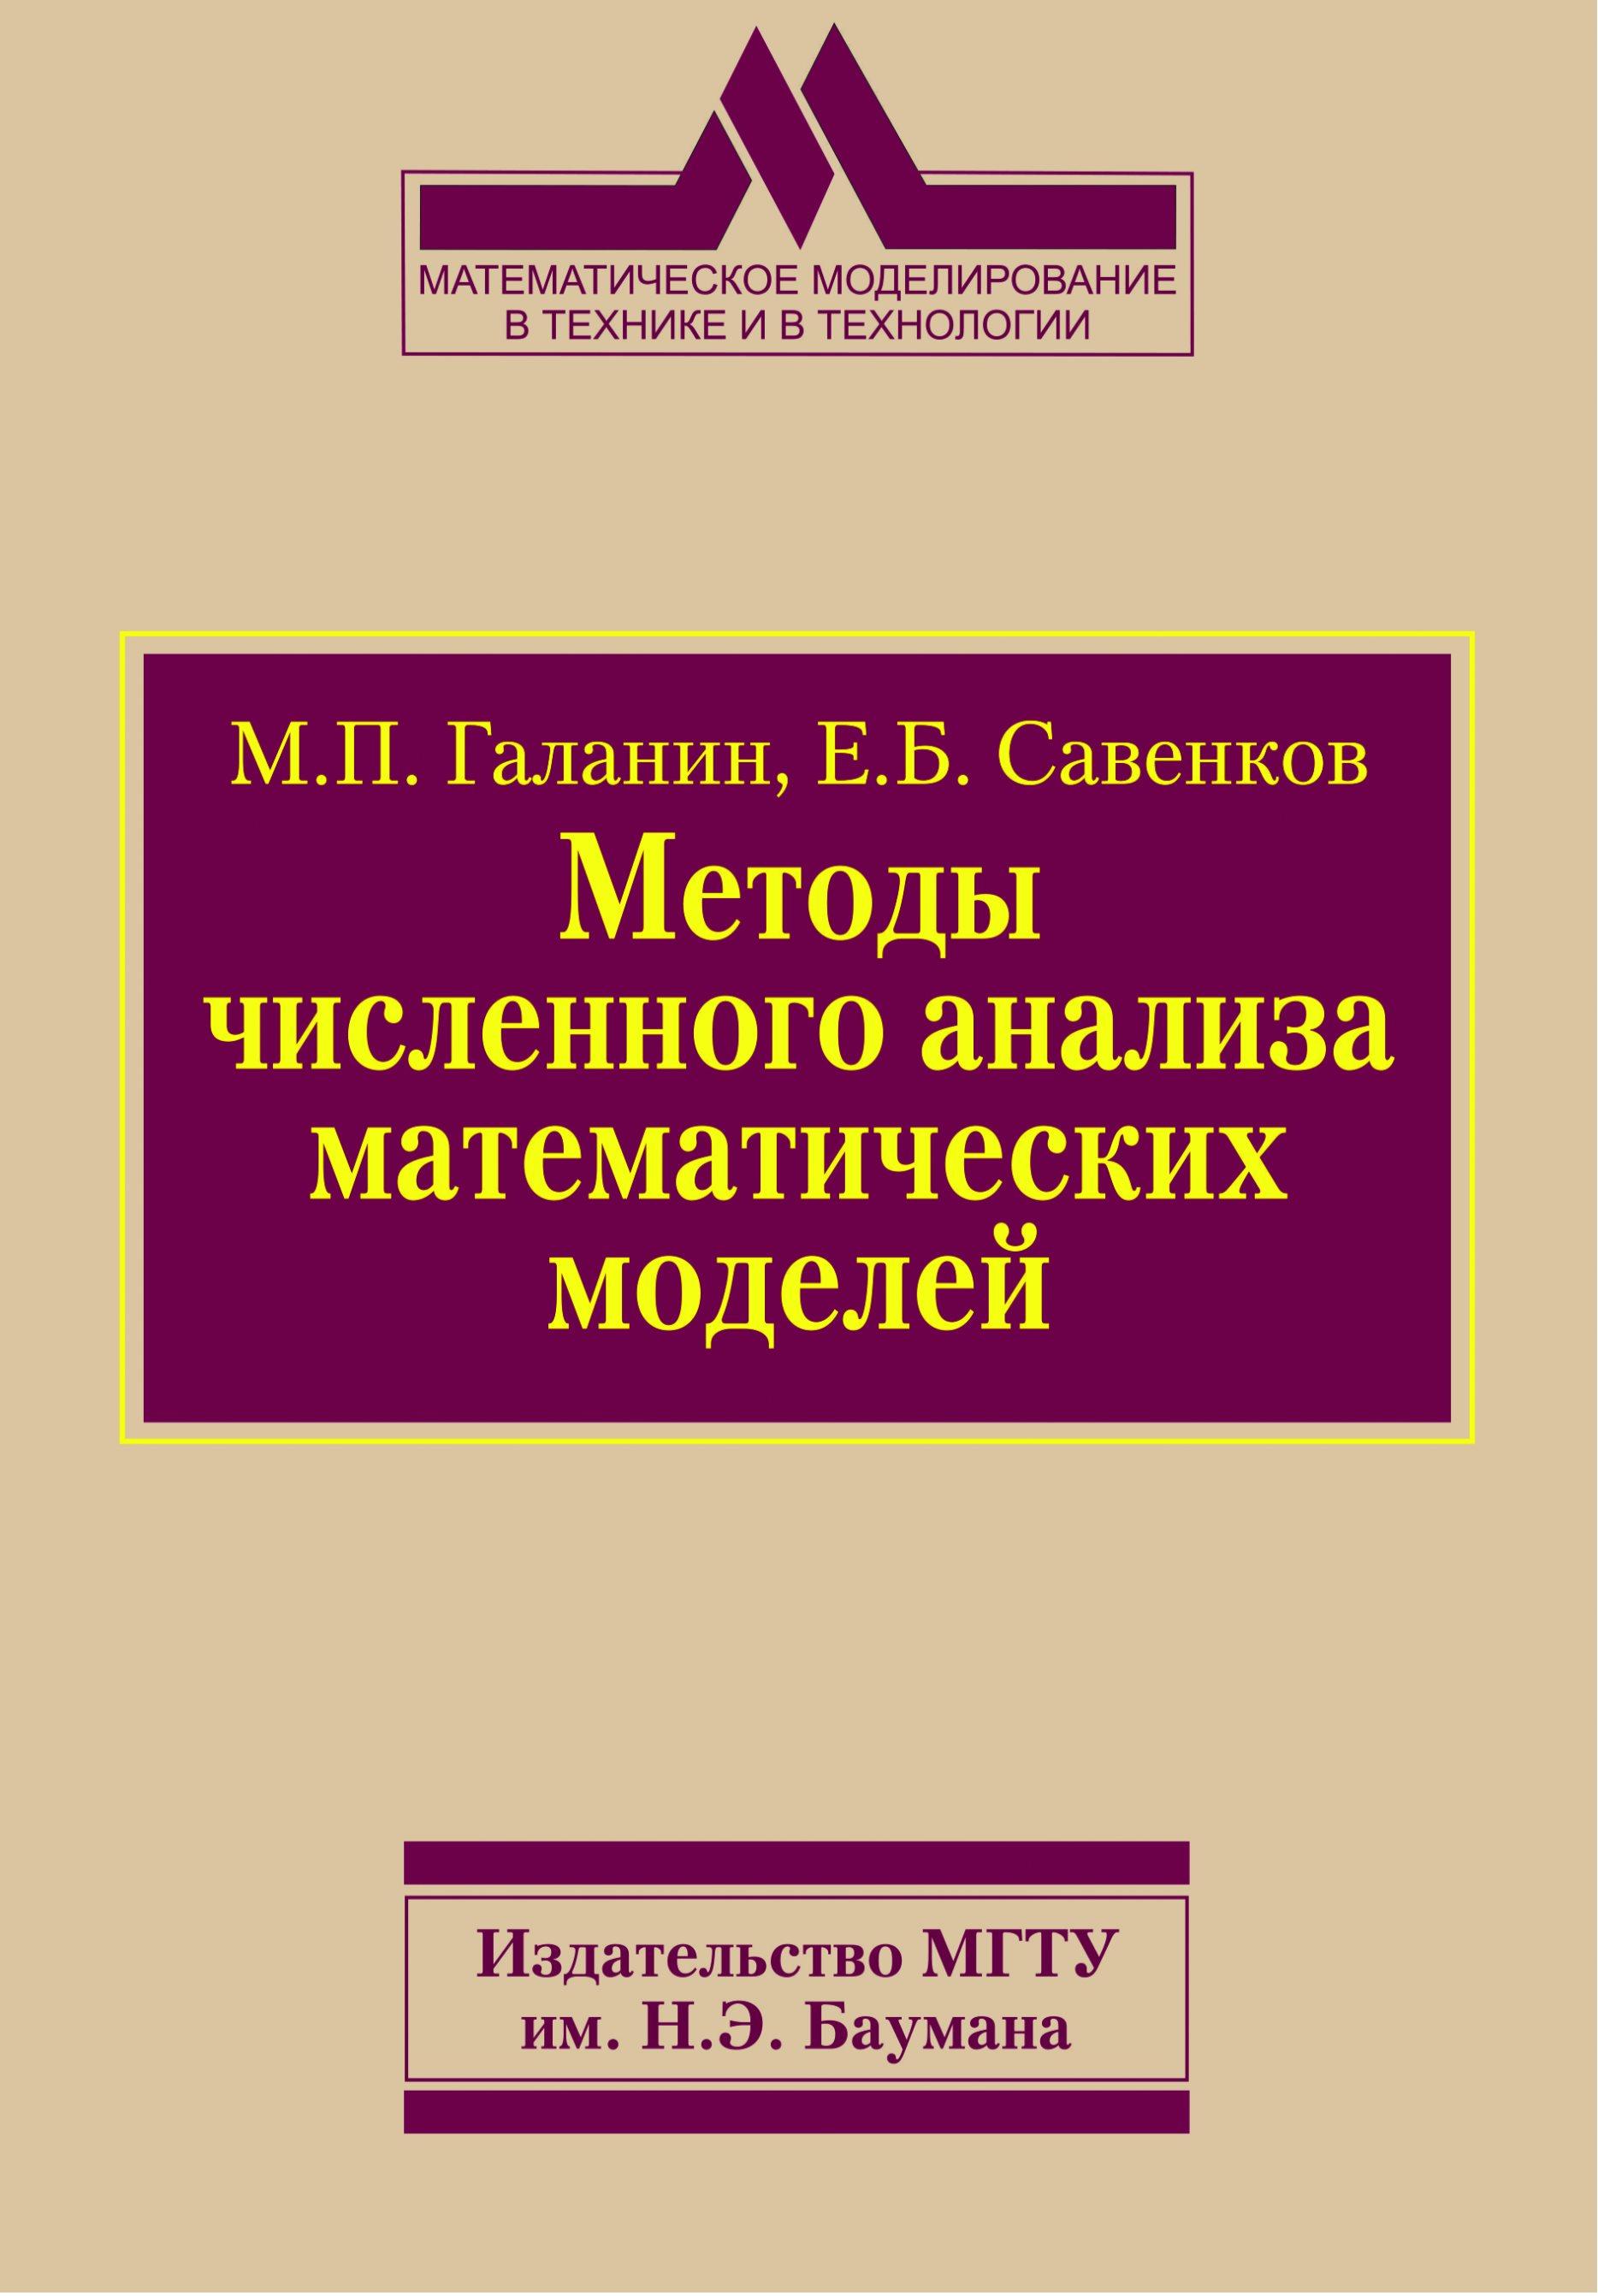 цены Михаил Галанин Методы численного анализа математических моделей